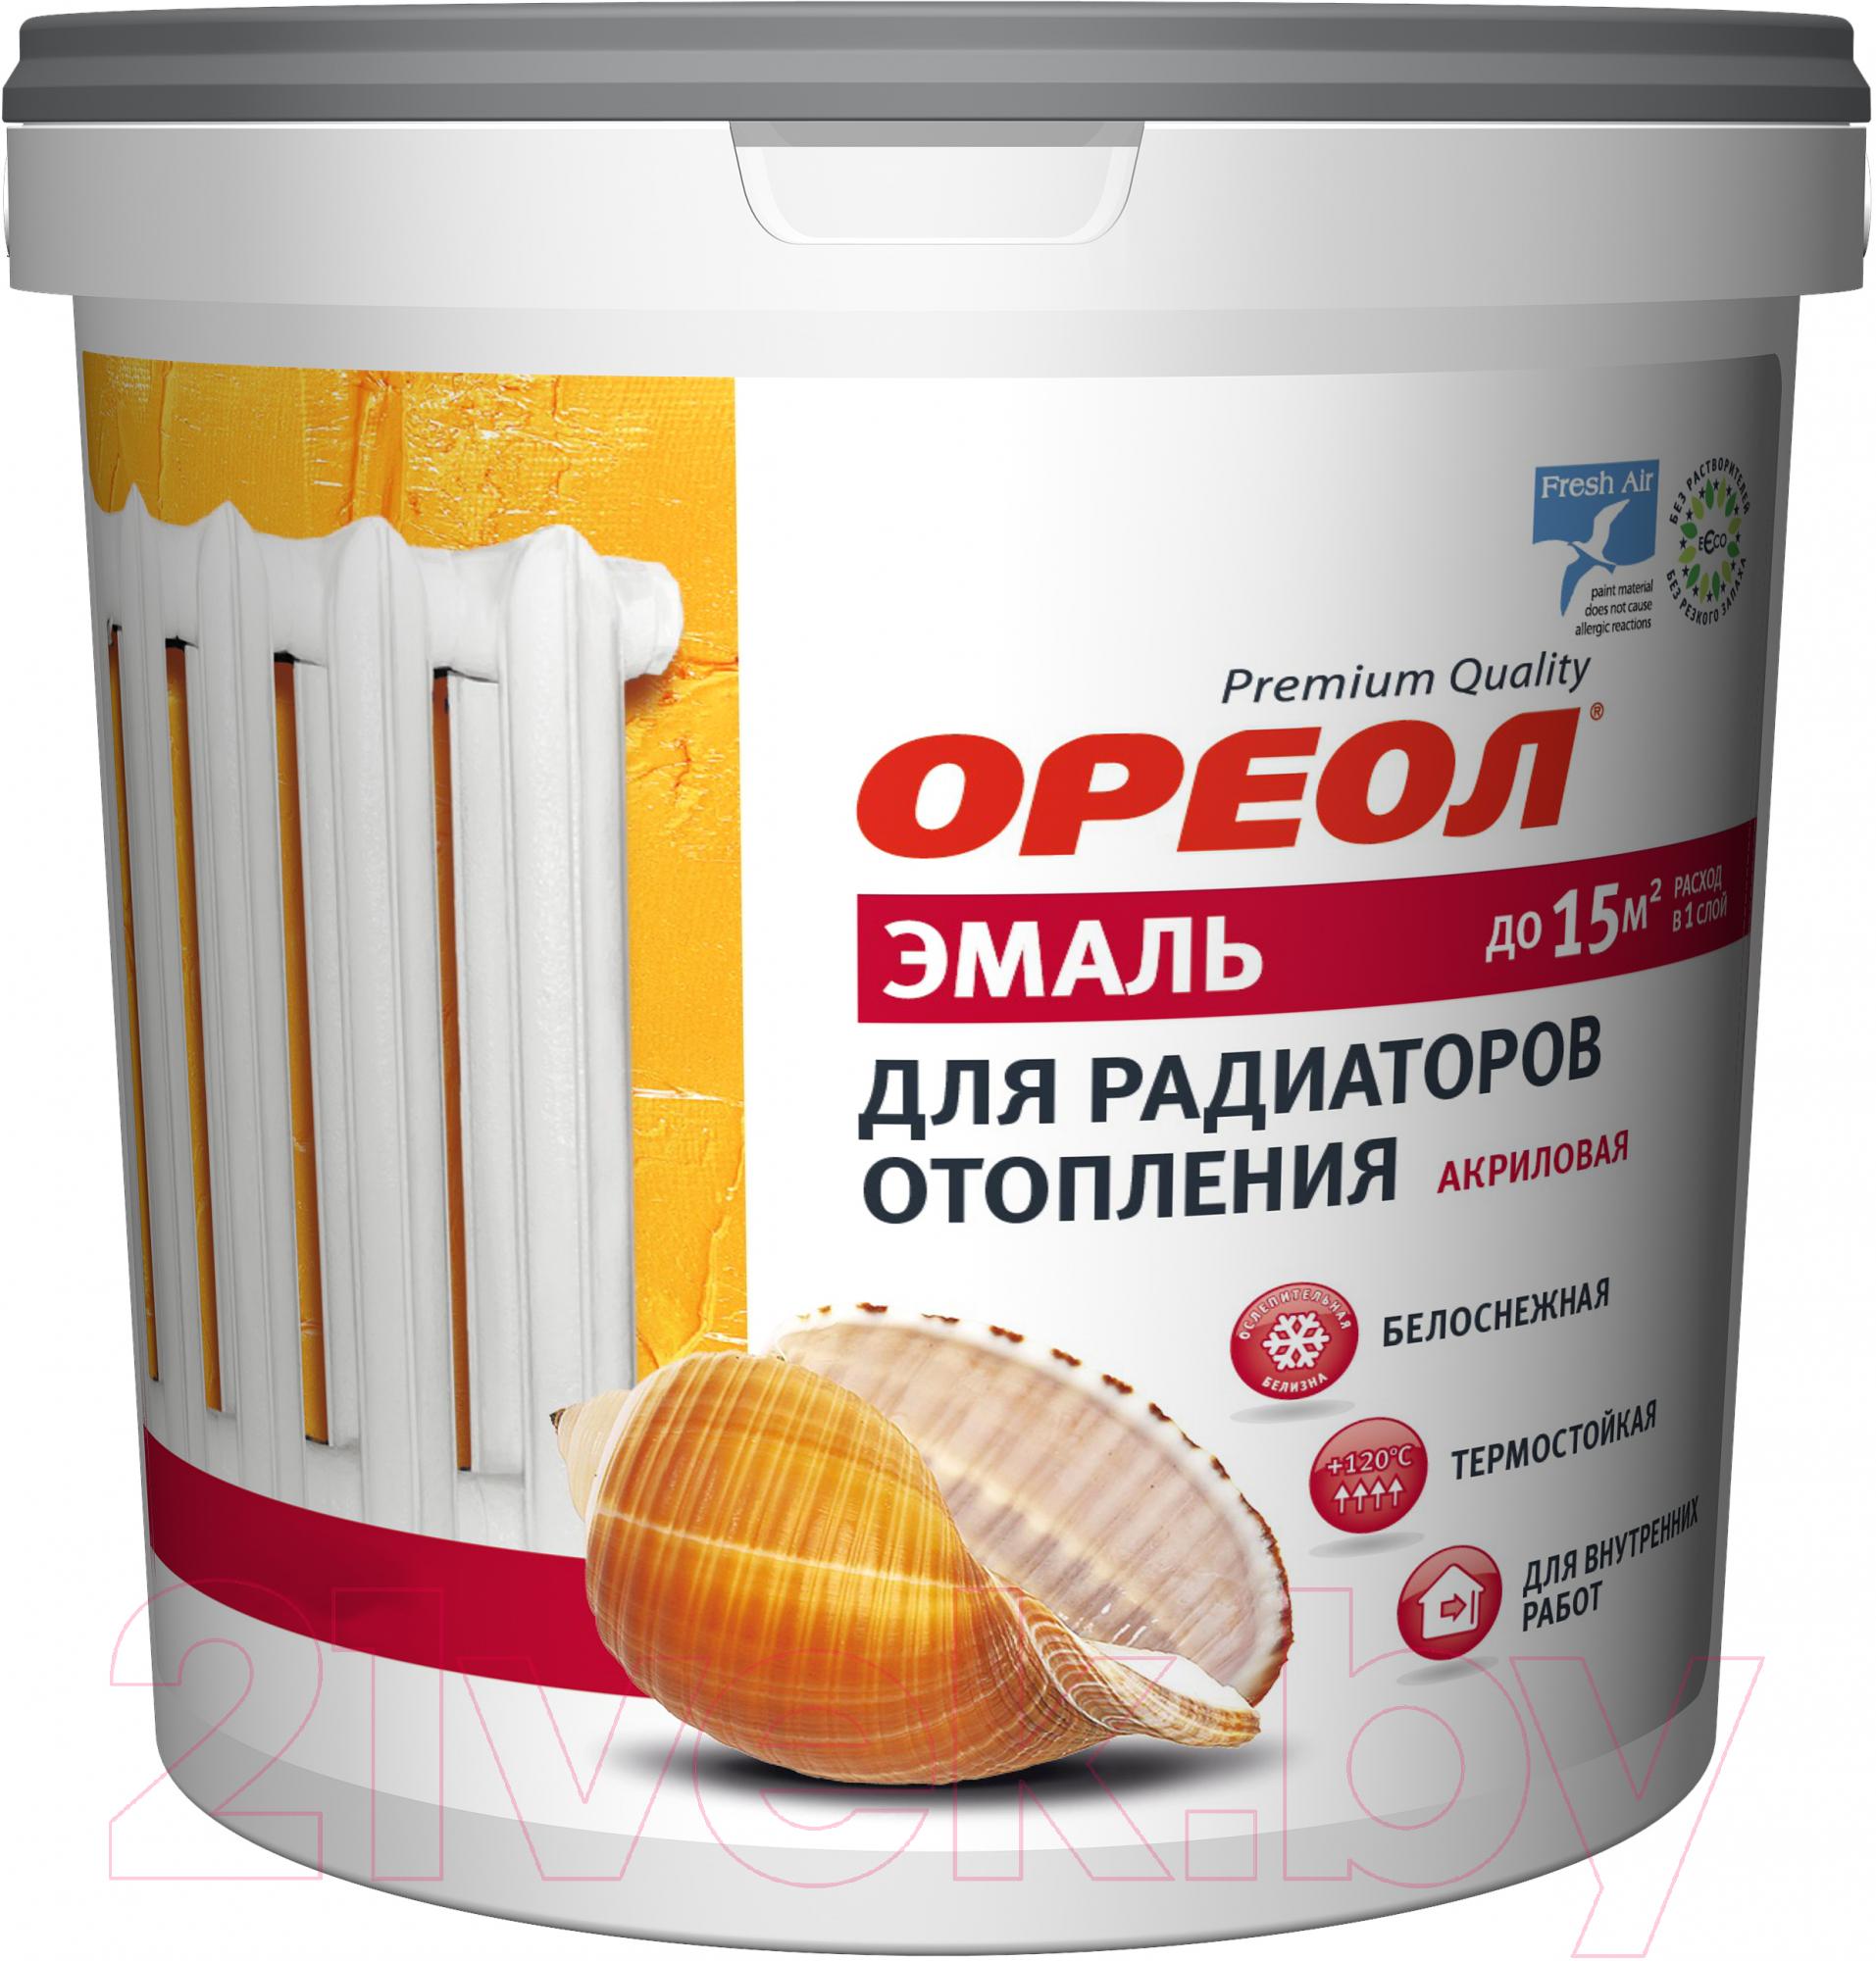 Купить Эмаль Ореол, Акриловая для радиаторов отопления (1.1кг, белый матовый), Россия